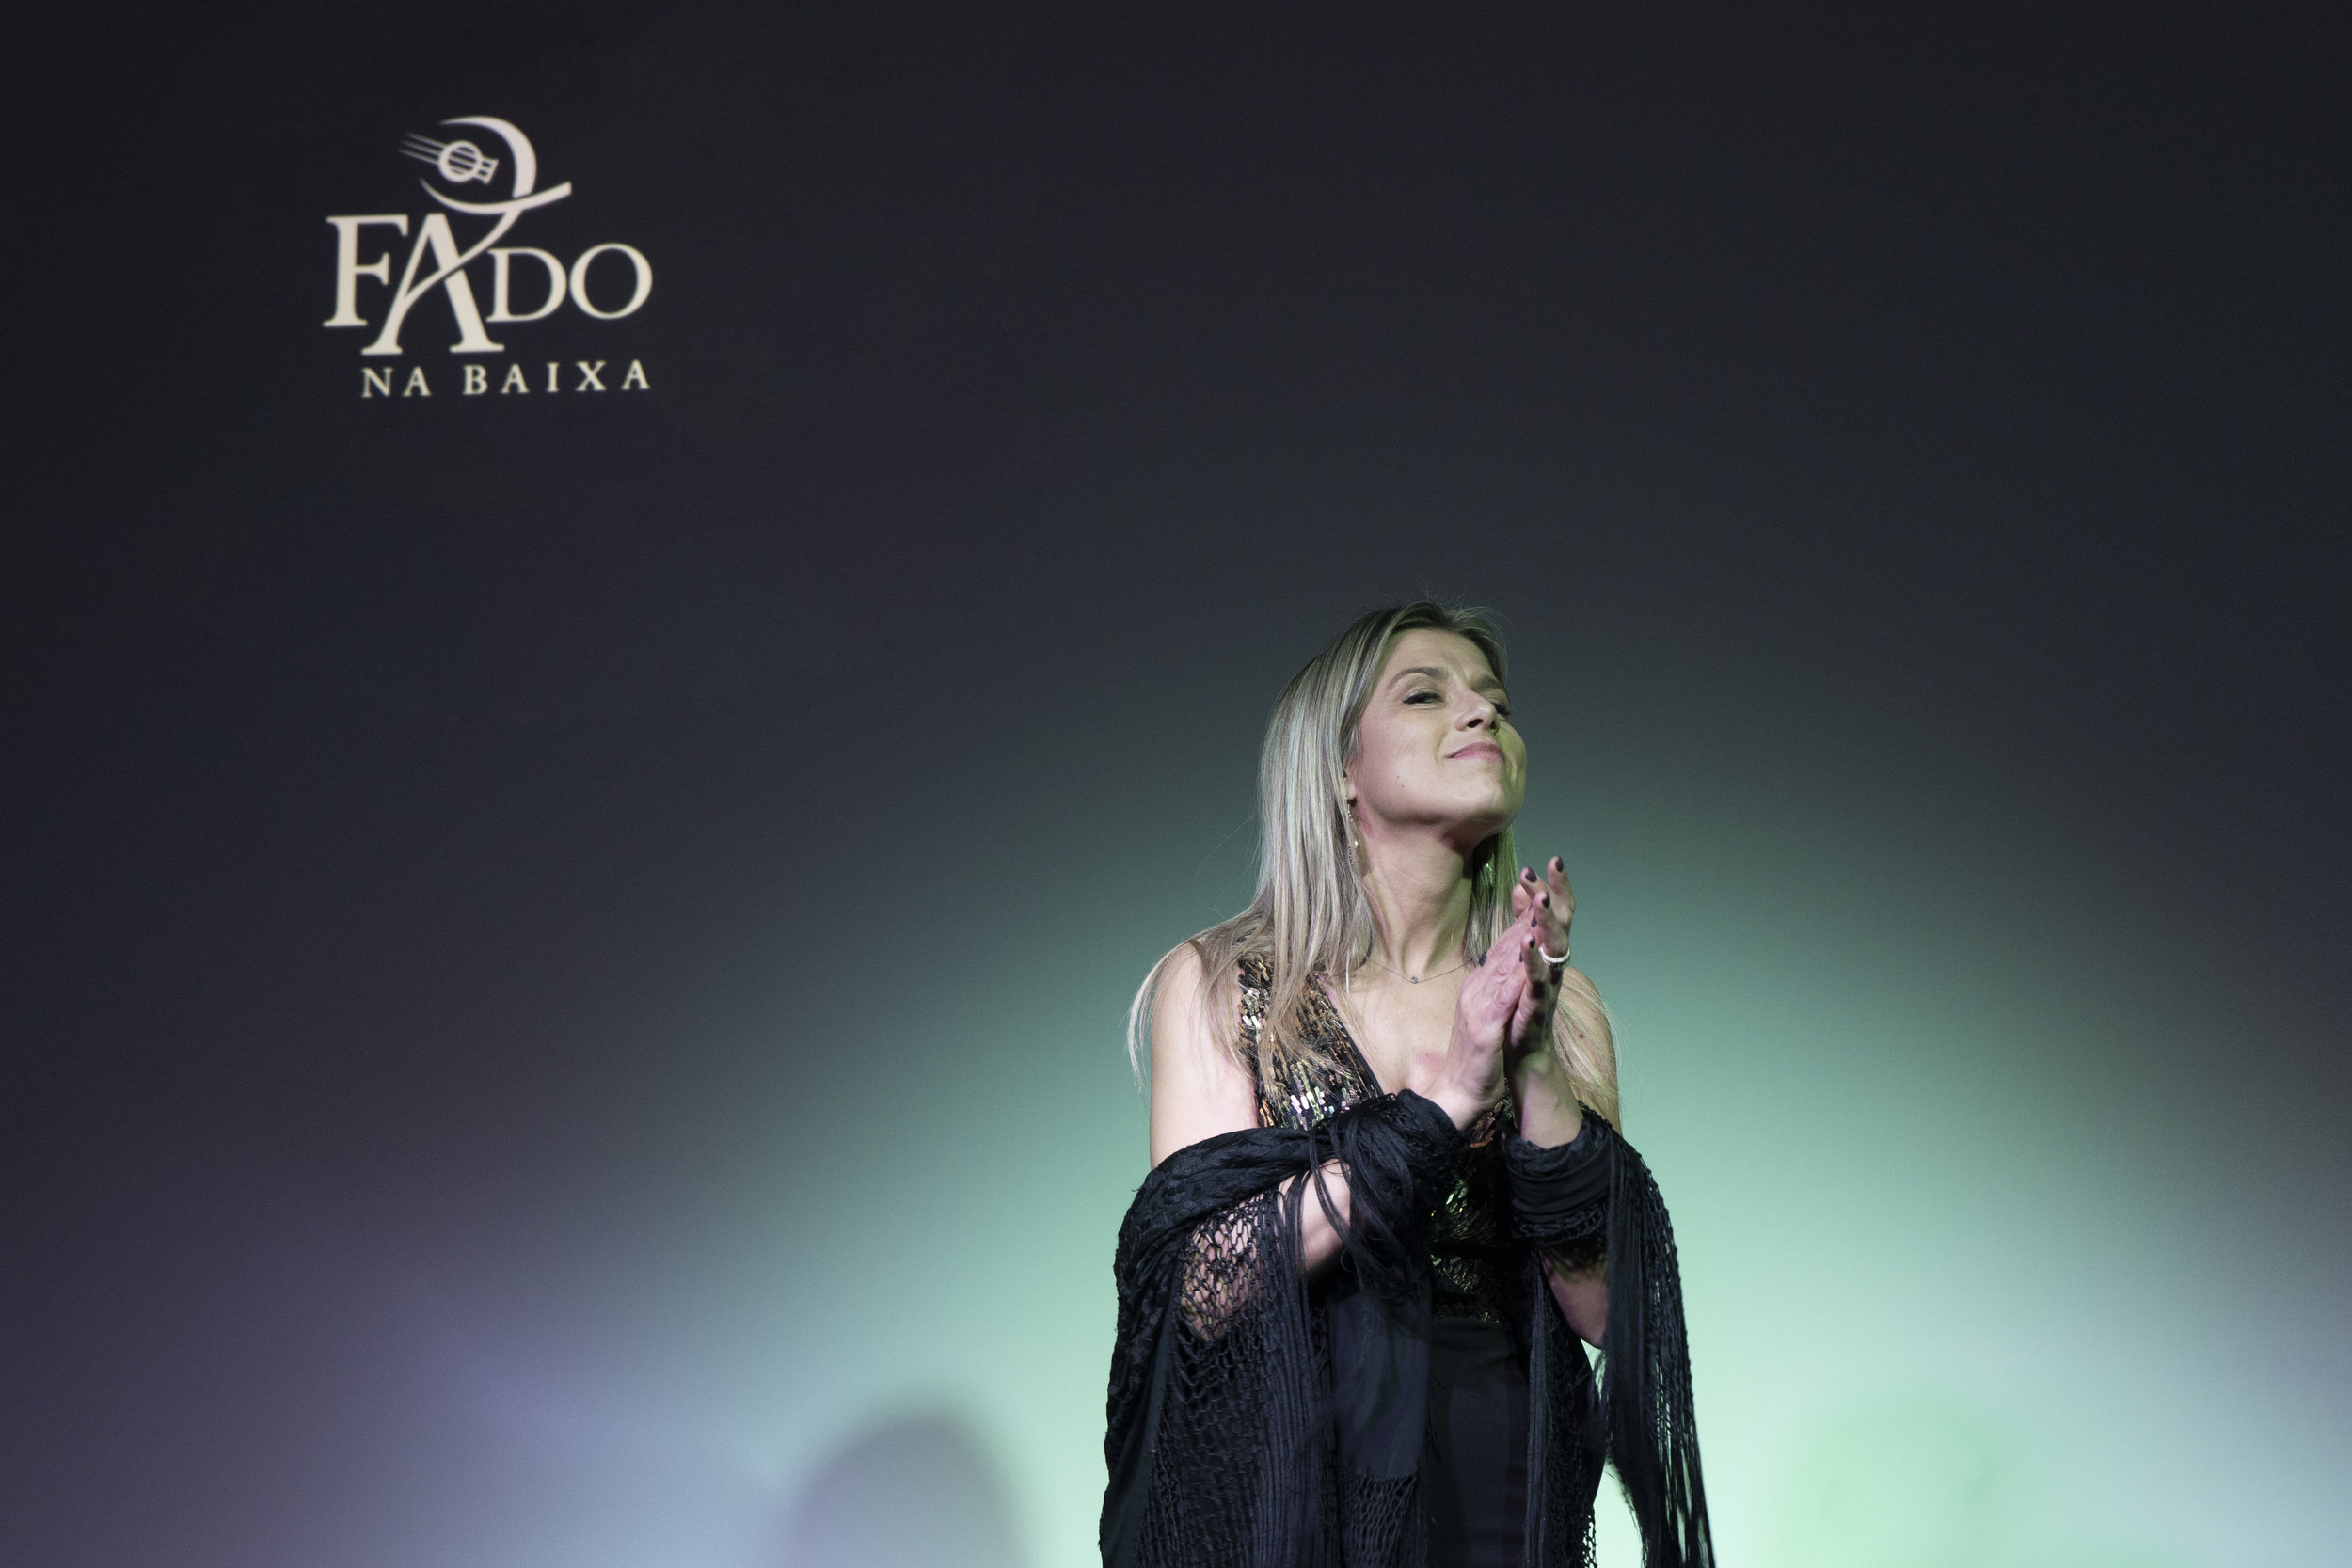 """SANDRA CRISTINA - VOZNatural de Leça da Palmeira, iniciou-se na música muito cedo. Venceu a """"Grande Noite do Fado"""", no Porto, e impôs-se, desde então, como uma regular certeza no panorama artístico da cidade. Recentemente, foi convidada a integrar o elenco do musical """"Amália""""."""